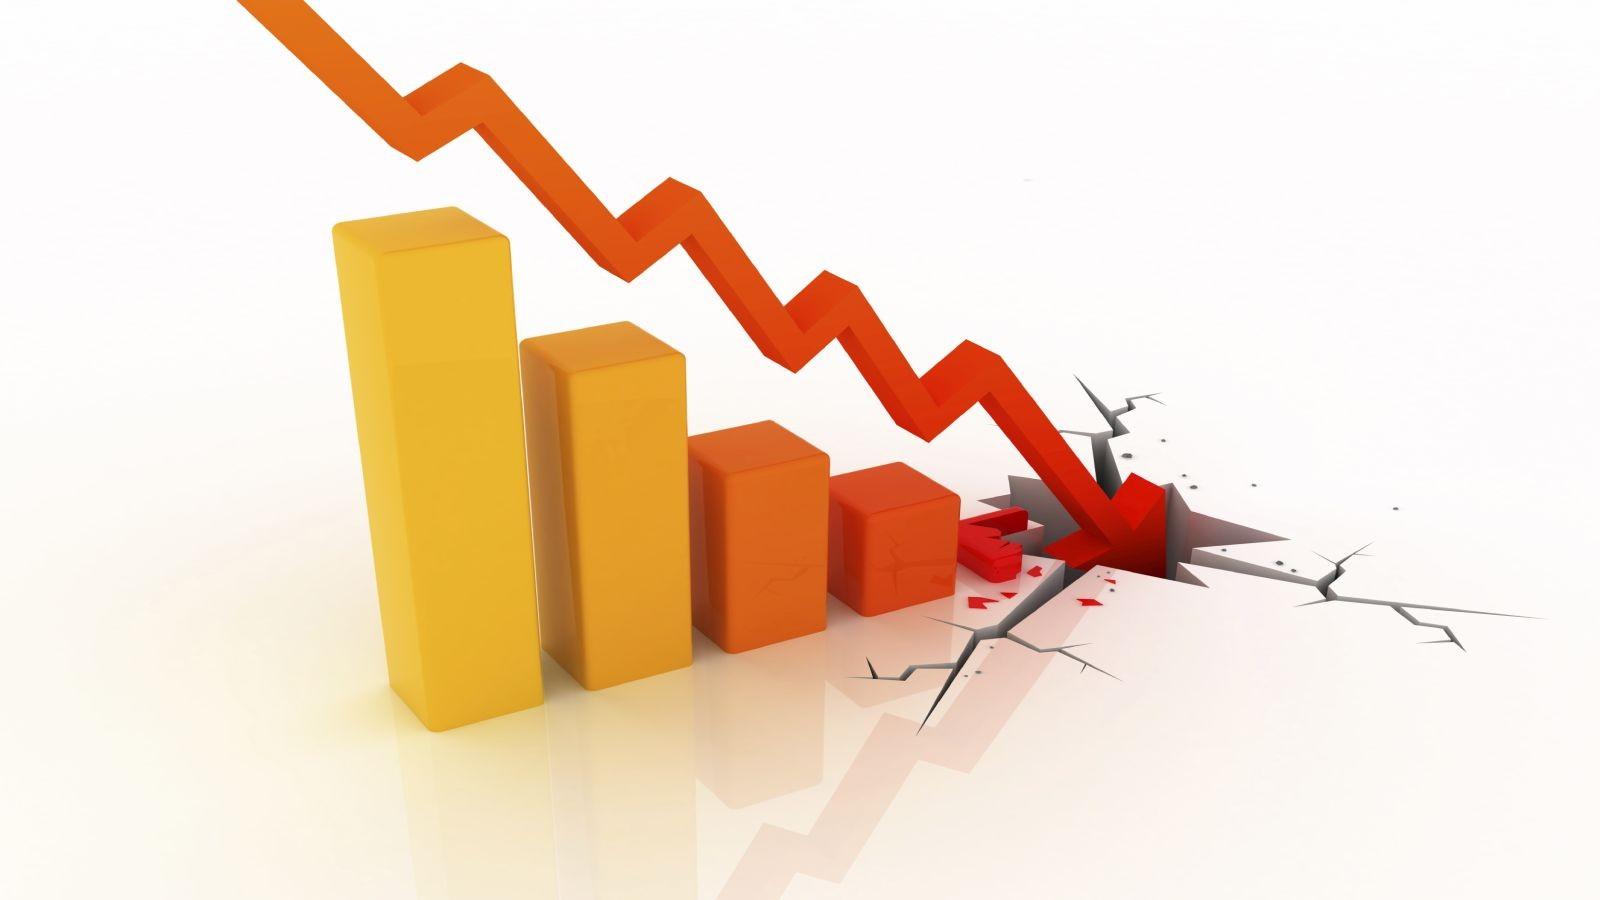 शेयर बजार आज पुनः घट्यो